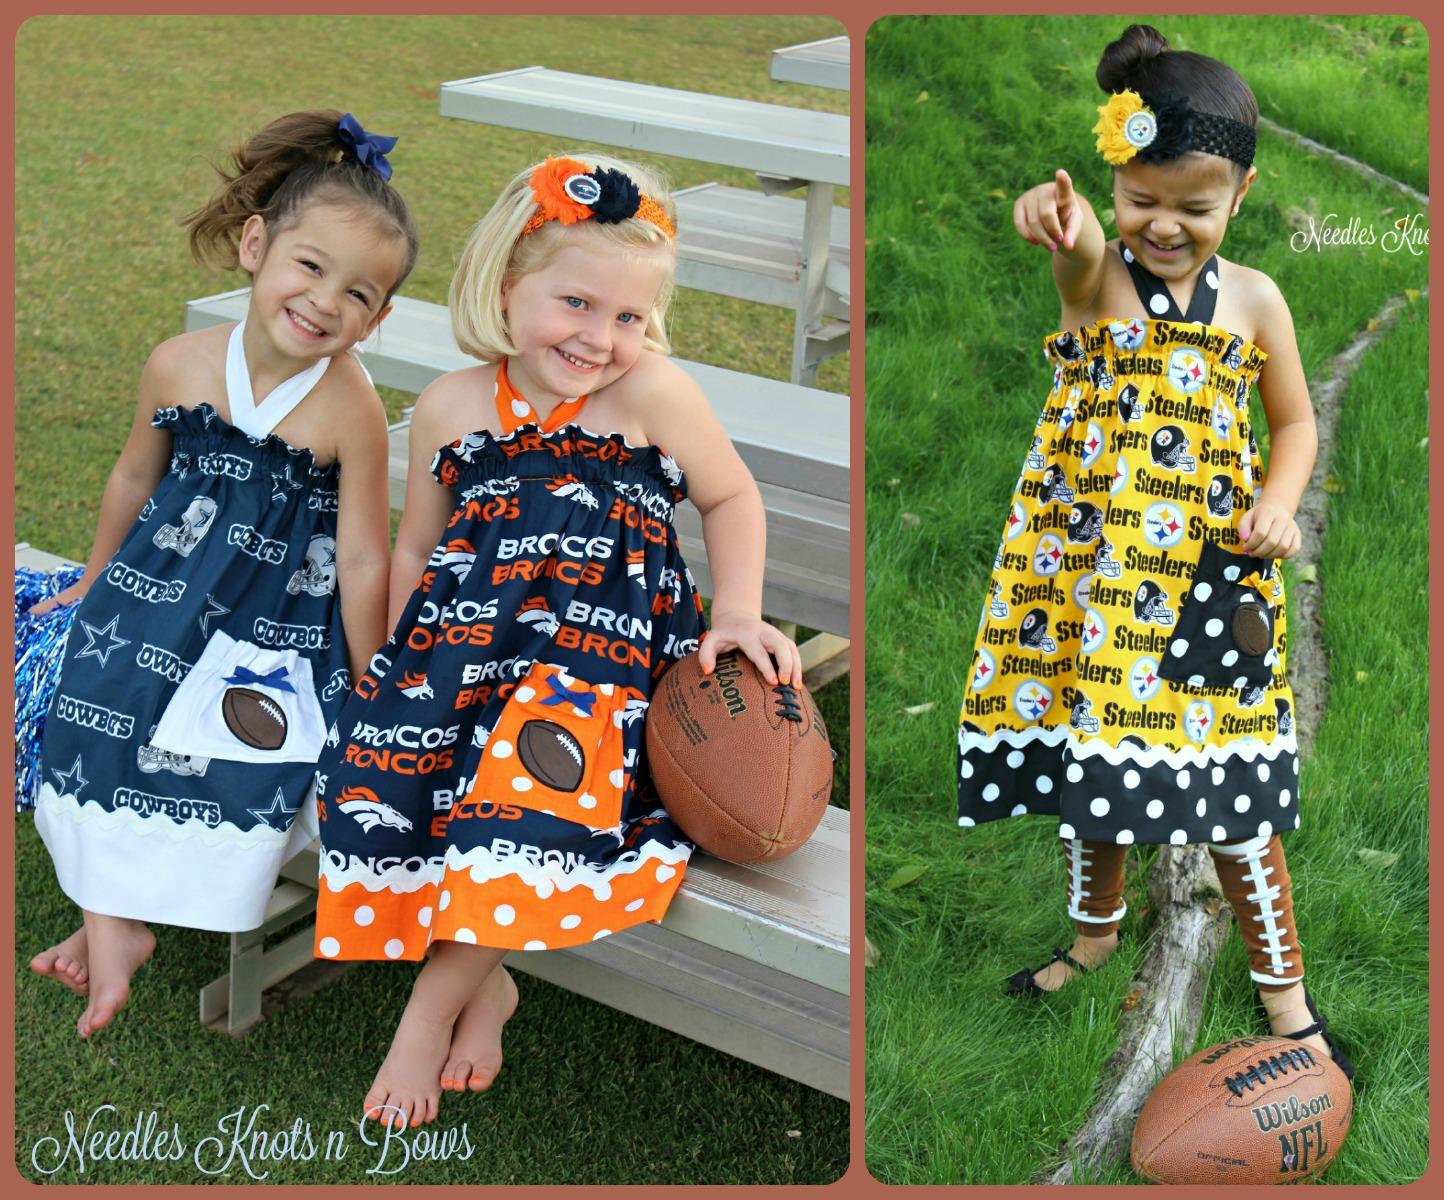 new concept d4b1a 012d9 Girls Dallas Cowboys Dress, Girls Cowboys Cheerleader Outfit, Girls  Football Team Dress, Baby Girls Dallas Cowboys Gameday Dress, Newborns upto  size 8 ...